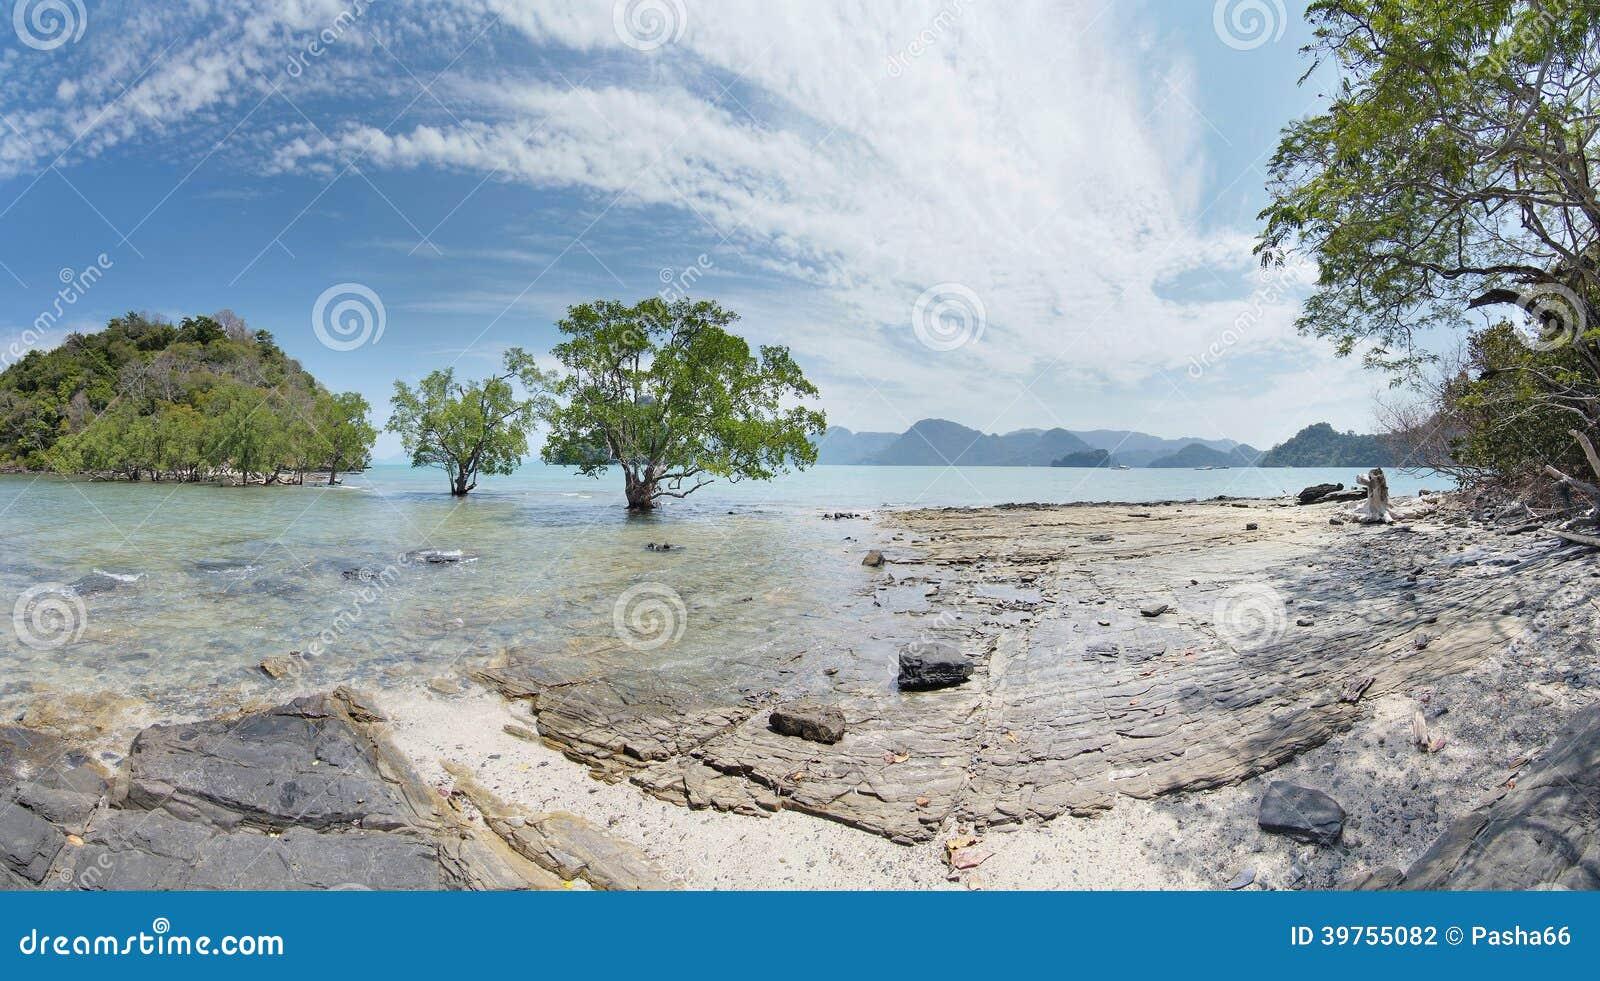 Пейзаж с деревьями и островами